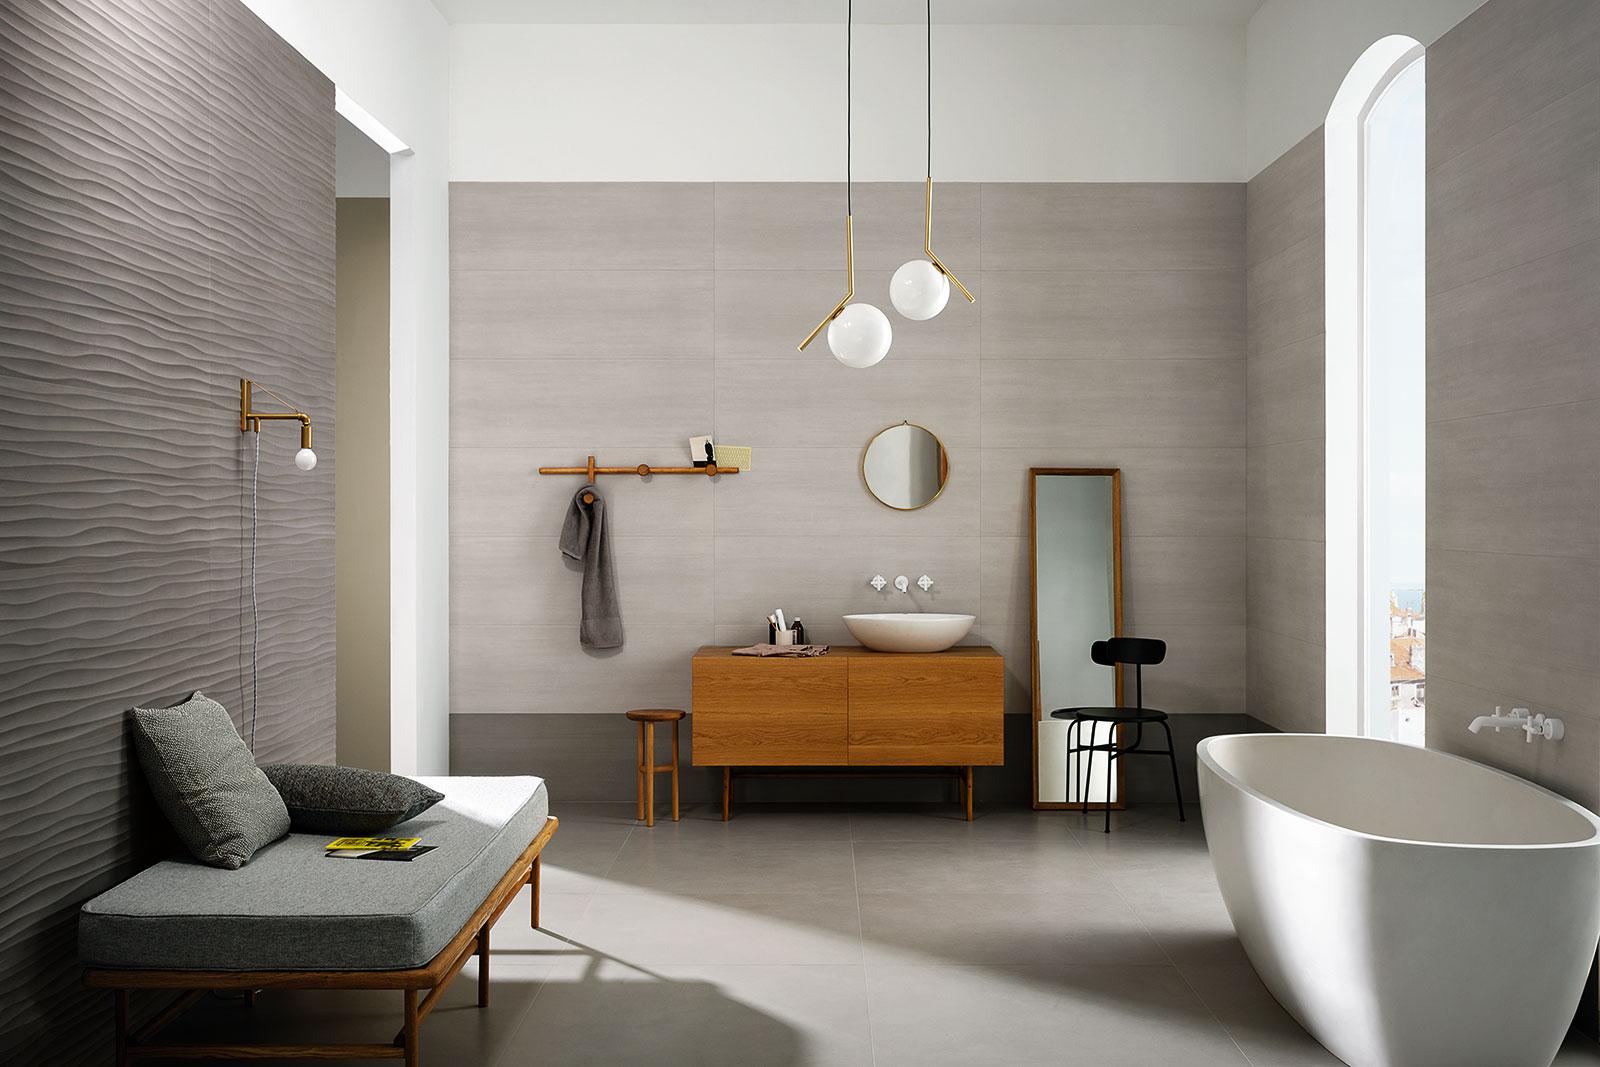 Carrelage salle de bain c ramique et gr s c rame marazzi - Carrelage rose salle de bain ...